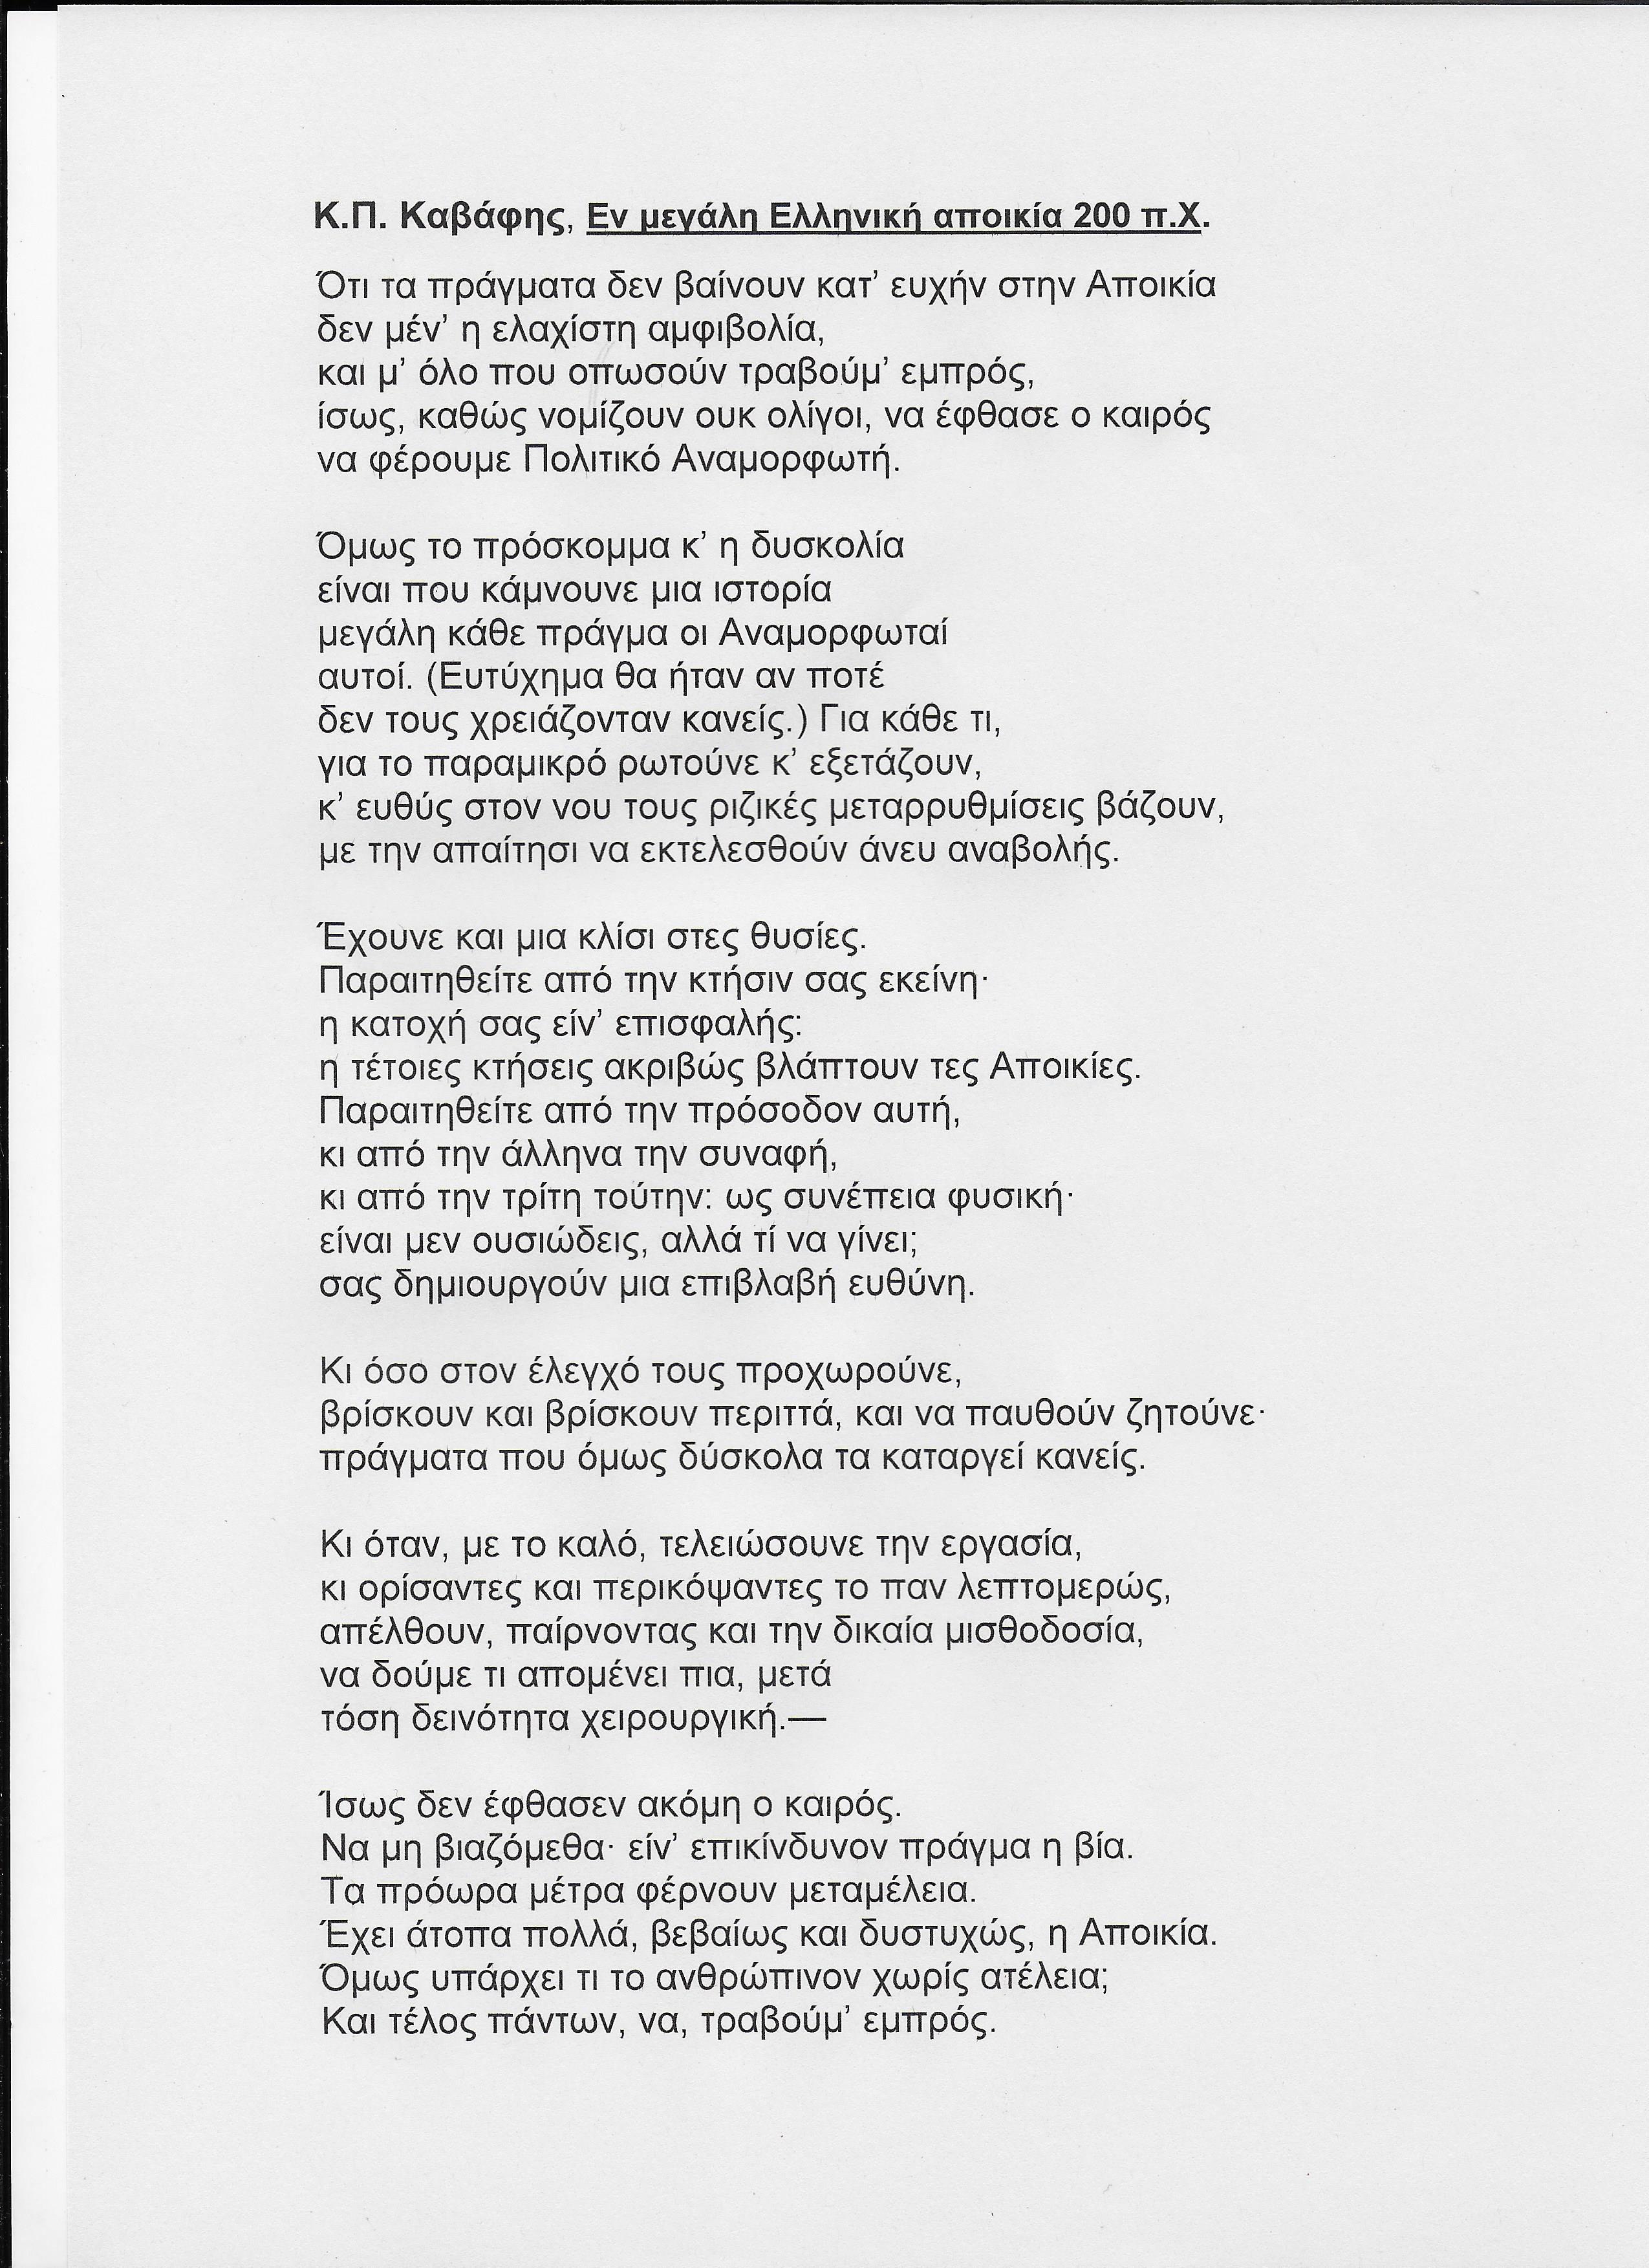 Π. Ήφαιστος, ΤΟ ΚΡΑΤΟΣ ΩΣ ΘΕΣΜΟΣ ΣΥΛΛΟΓΙΚΗΣ ΕΛΕΥΘΕΡΙΑΣ ΚΑΙ Η ΣΗΜΑΣΙΑ ΤΗΣ ΑΠΩΛΕΙΑΣ ΤΟΥ ΓΙΑ ΤΟΥΣ ΝΕΟΕΛΛΗΝΕΣ ΑΡΧΗΣ ΓΕΝΟΜΕΝΗΣ ΜΕ ΤΗΝ ΕΚΜΗΔΕΝΙΣΗ ΤΗΣ ΚΥΠΡΙΑΚΗΣ ΔΗΜΟΚΡΑΤΙΑΣ